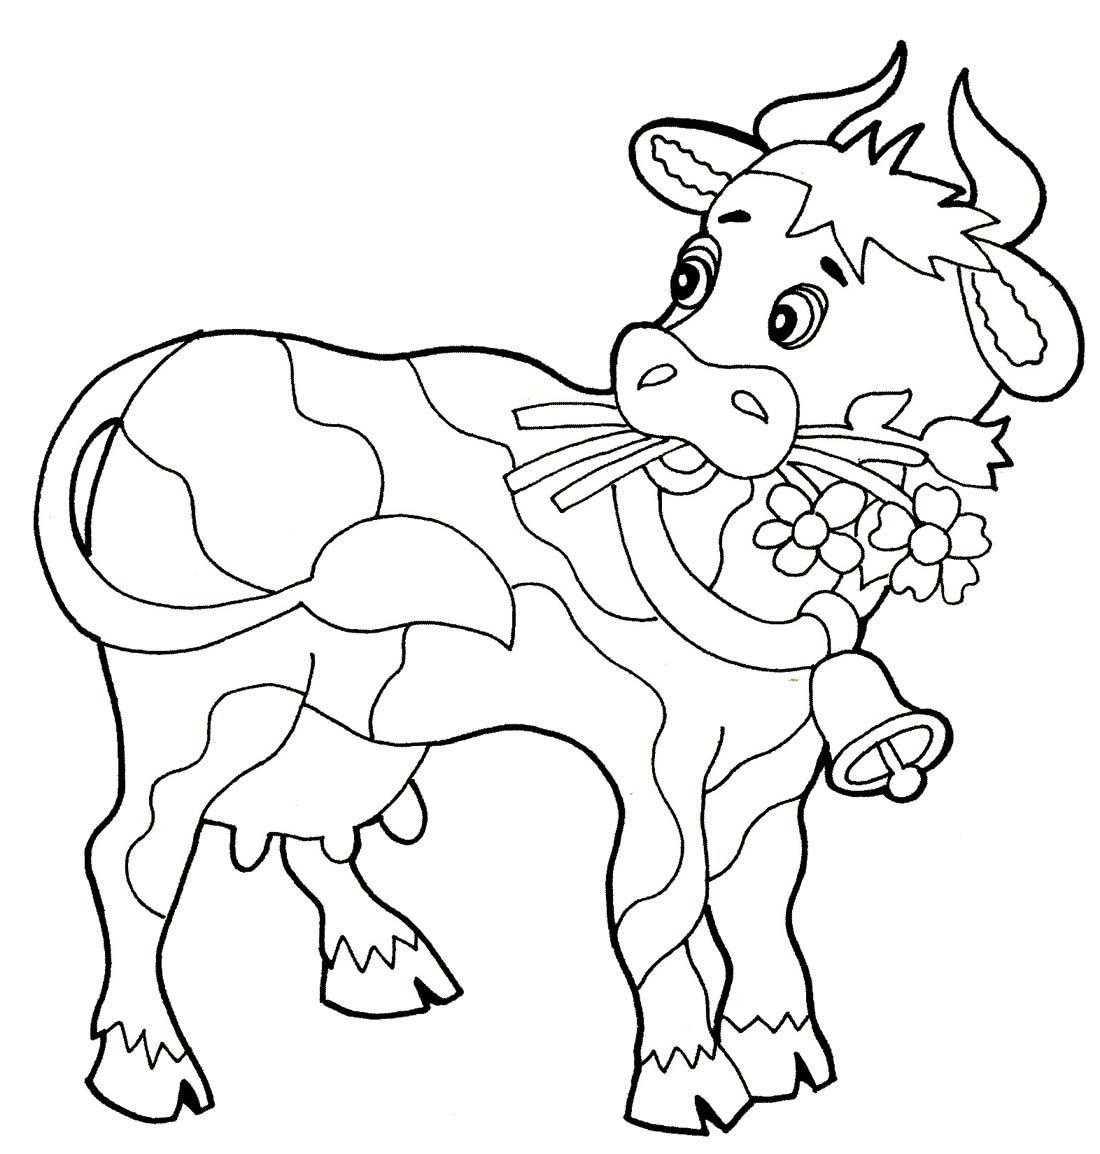 Раскраска домашние животные Скачать руки, ладони, для вырезания.  Распечатать ,Контур руки и ладошки для вырезания,